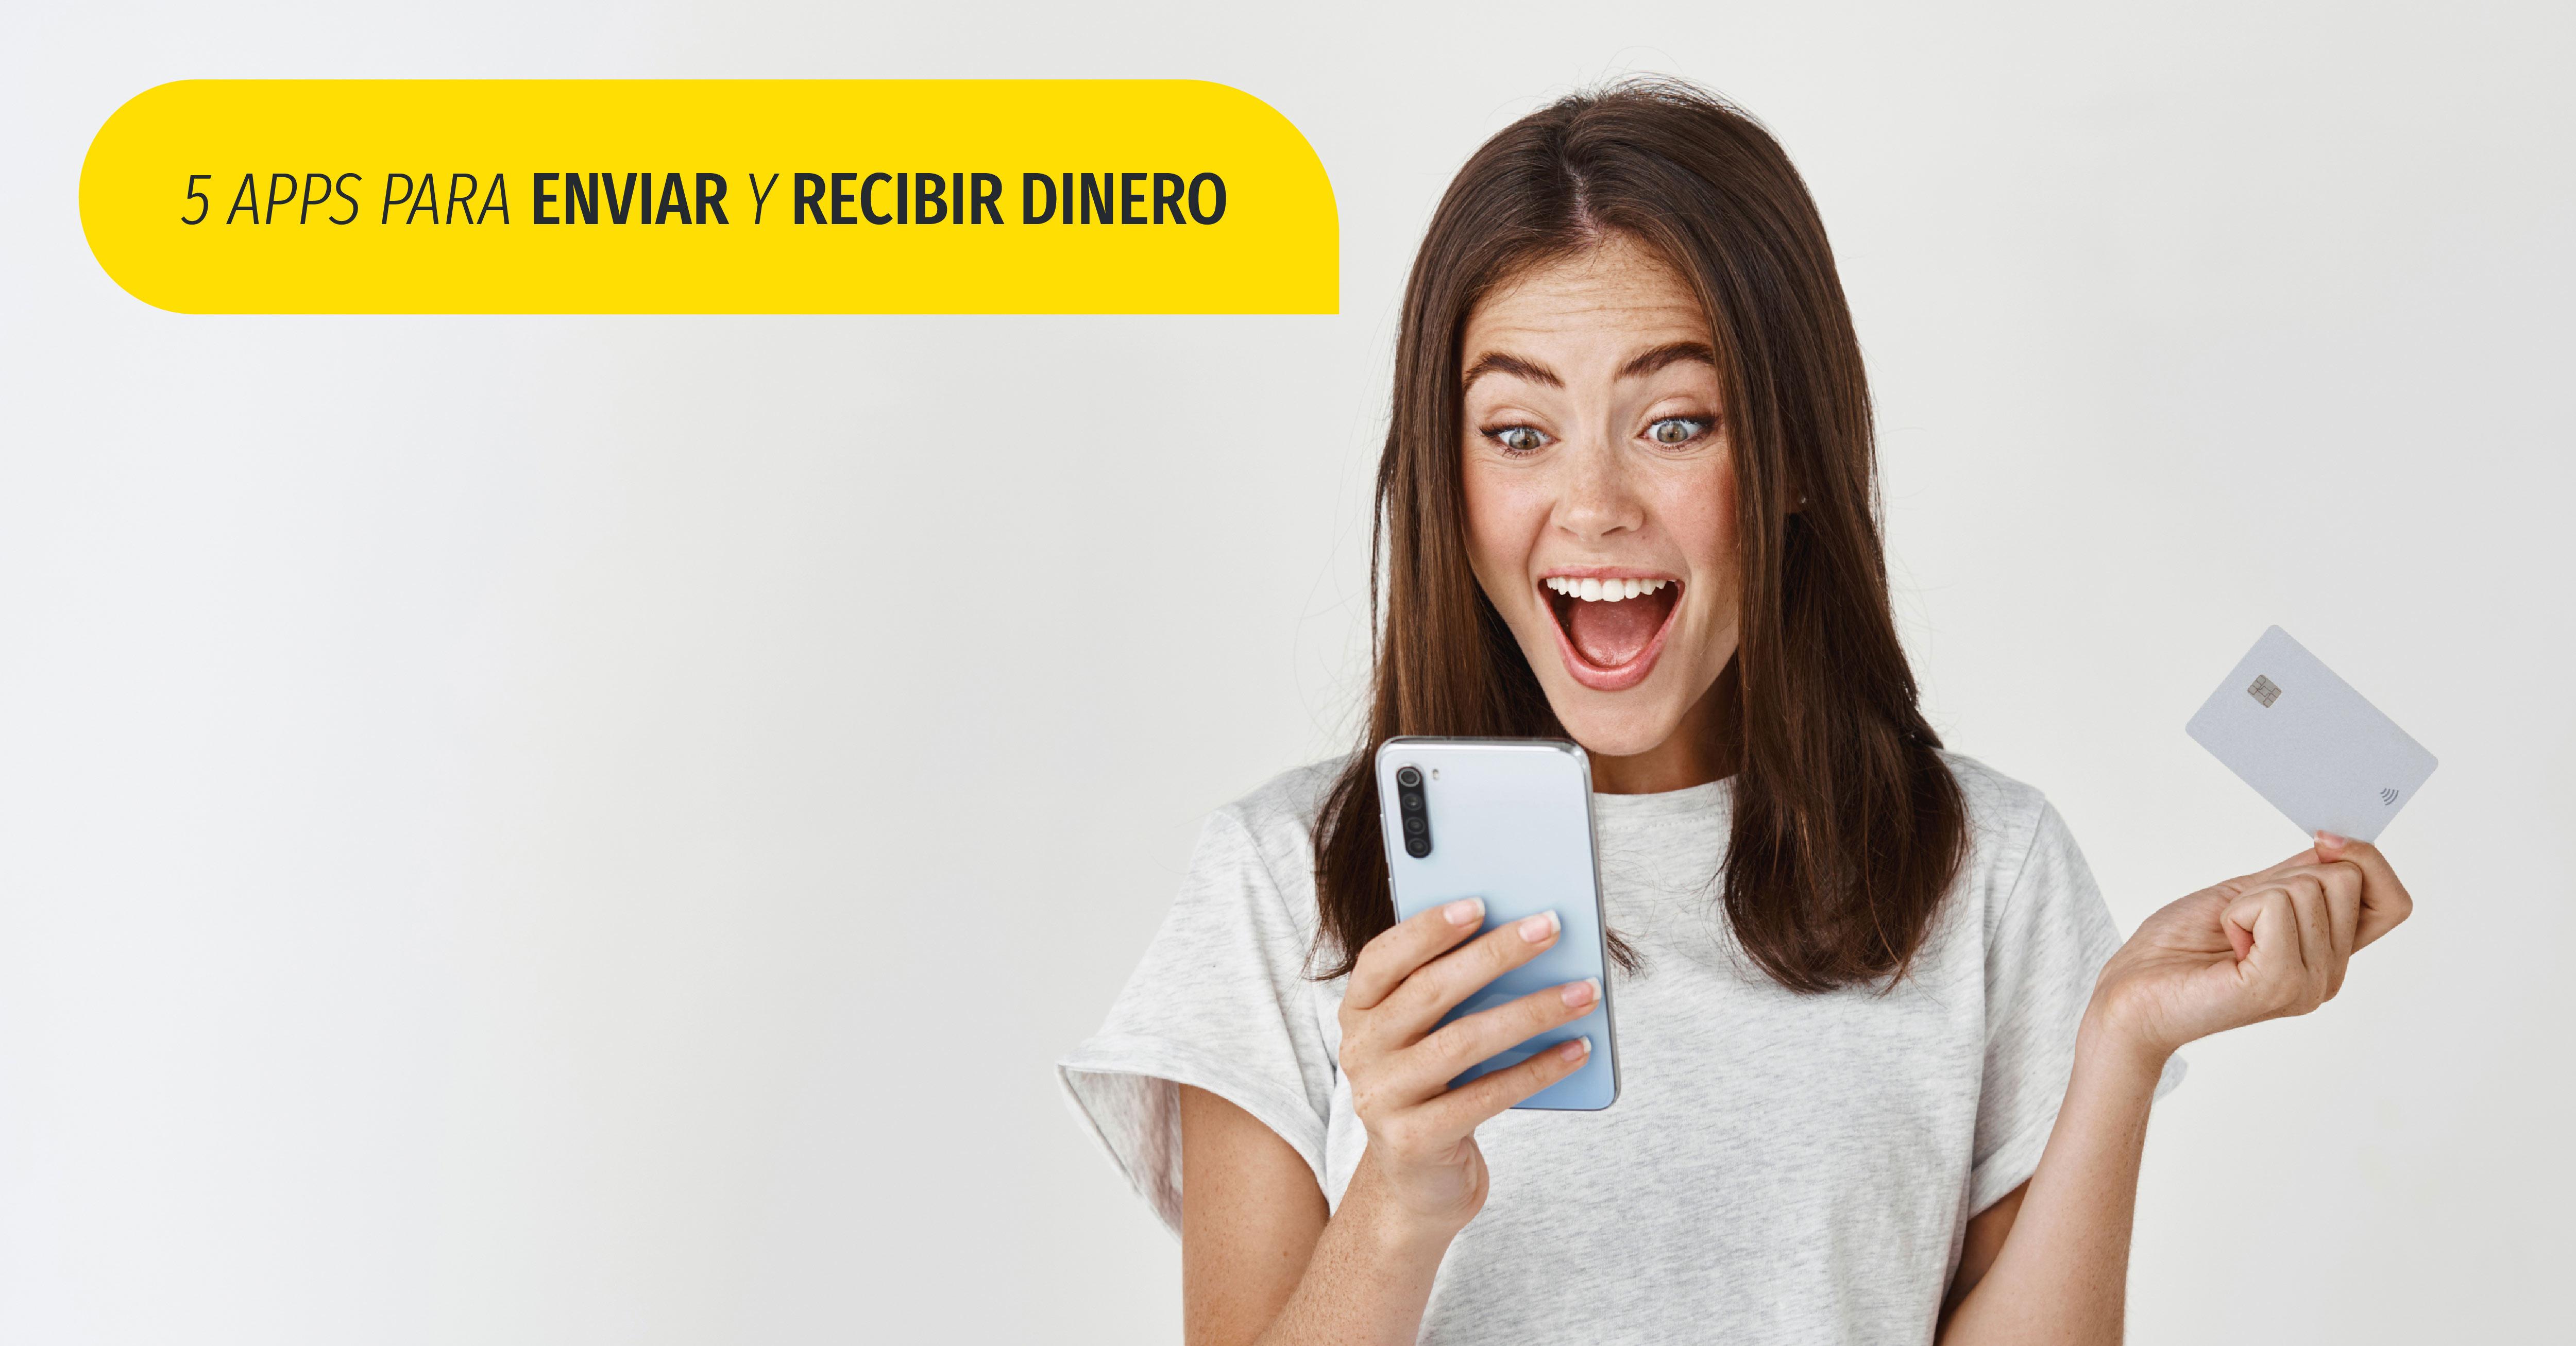 las mejores apps para pagar y recibir dinero